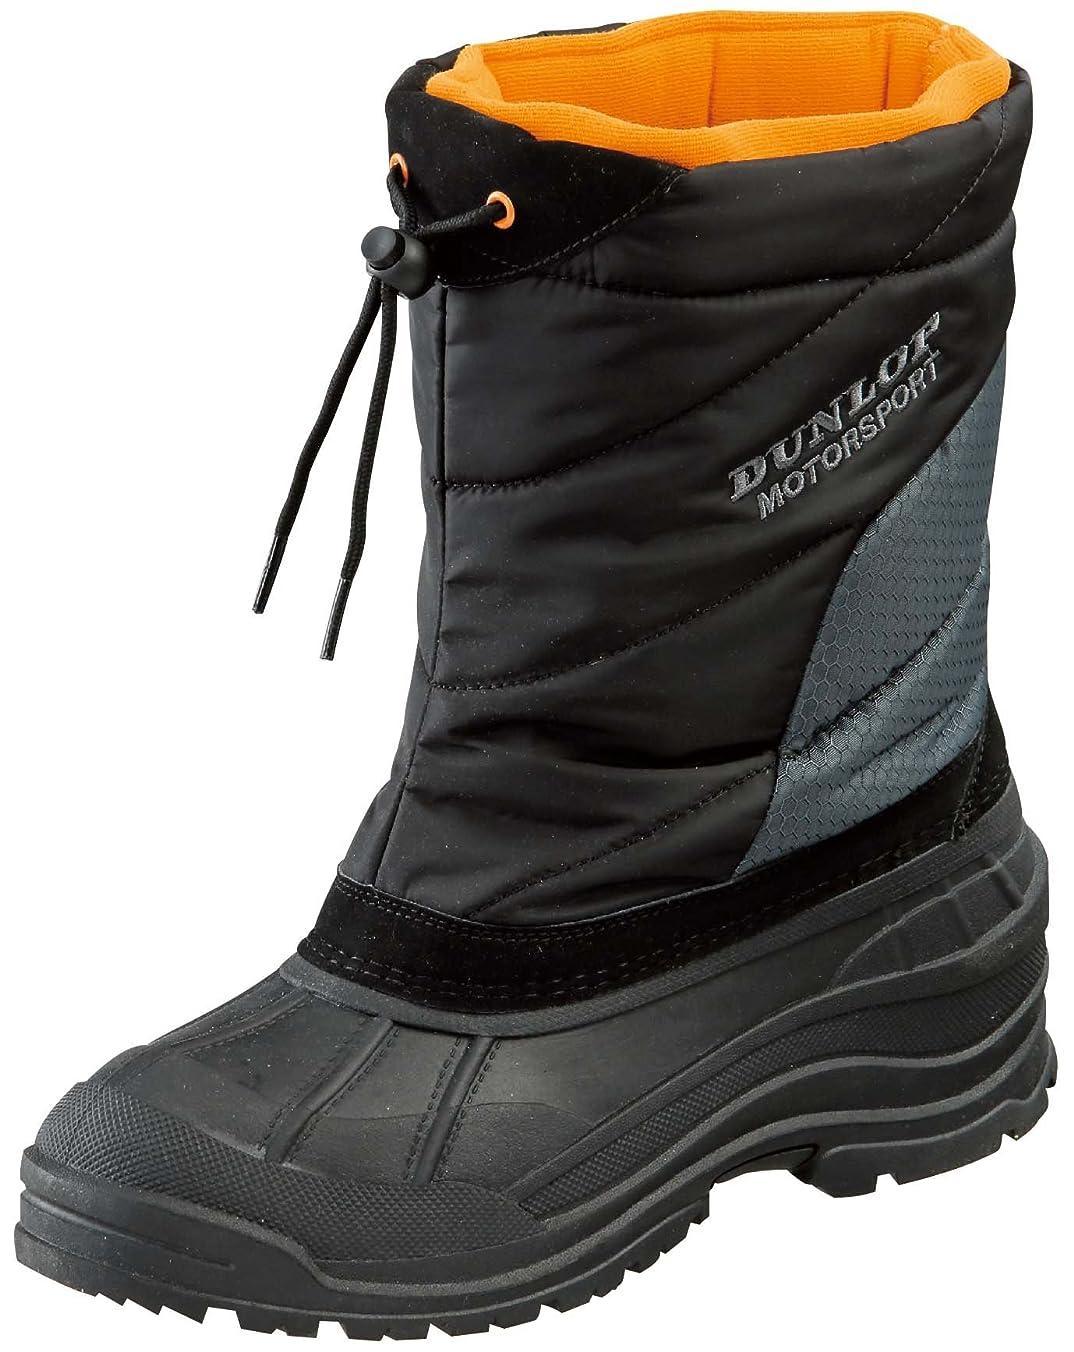 打撃扇動する農業(A倉庫)DUNLOP ダンロップ ドルマン G329 紳士 防寒長靴 インナー付きブーツ メンズ ウィンター 防滑 防寒ブーツ BG329ブラックLL(27~27.5cm)